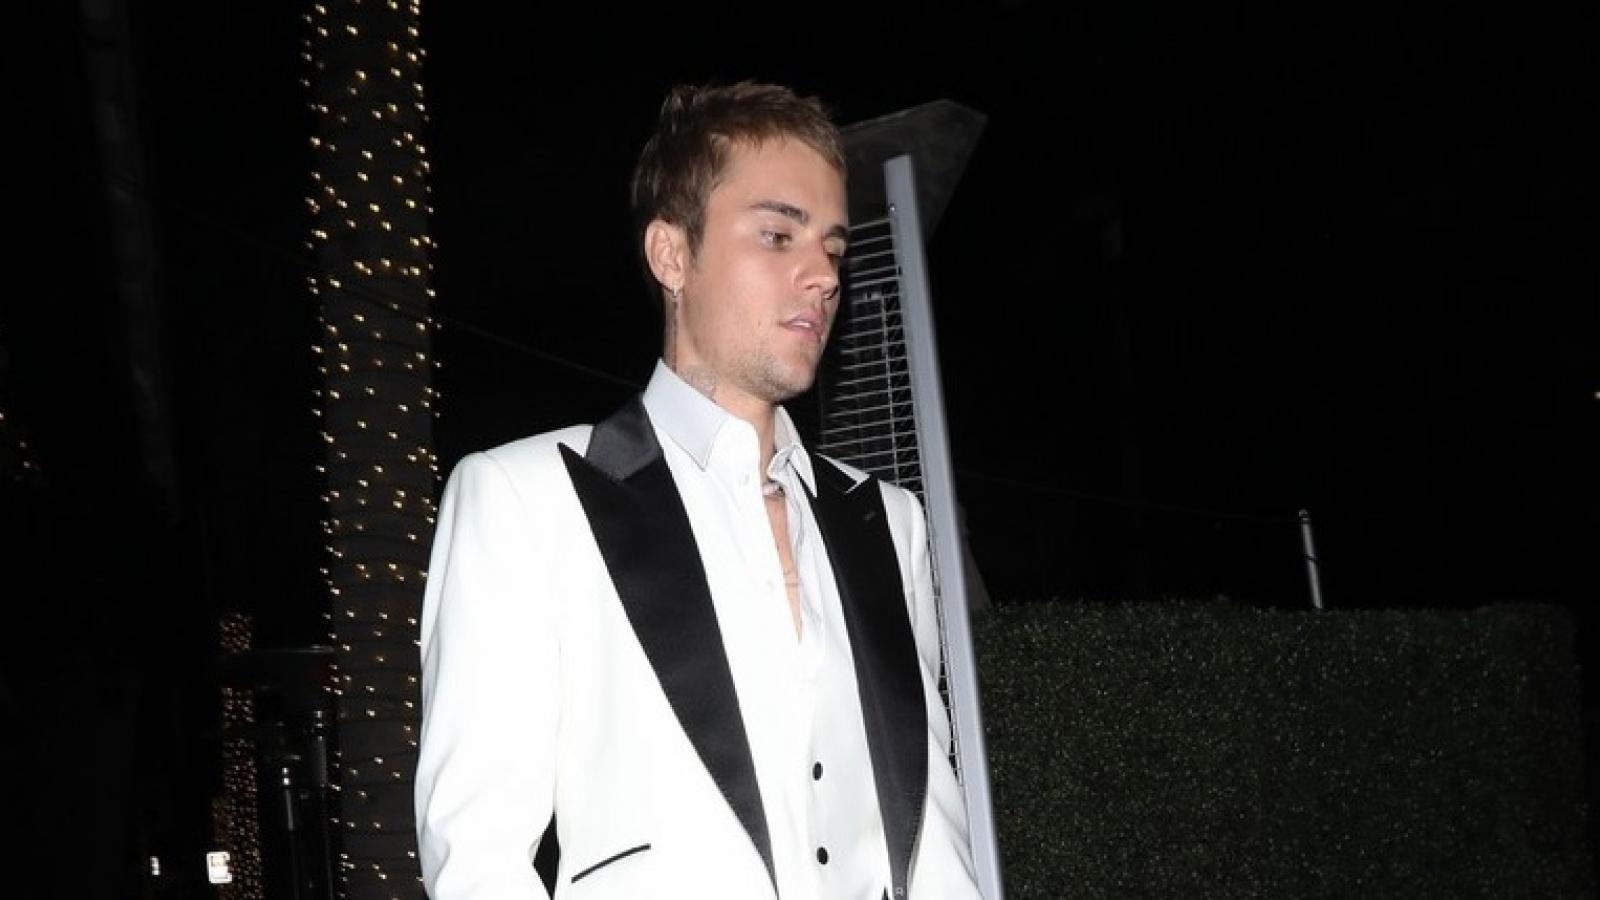 Justin Bieber diện tuxedo lịch lãm đi chơi tối cùng bạn bè